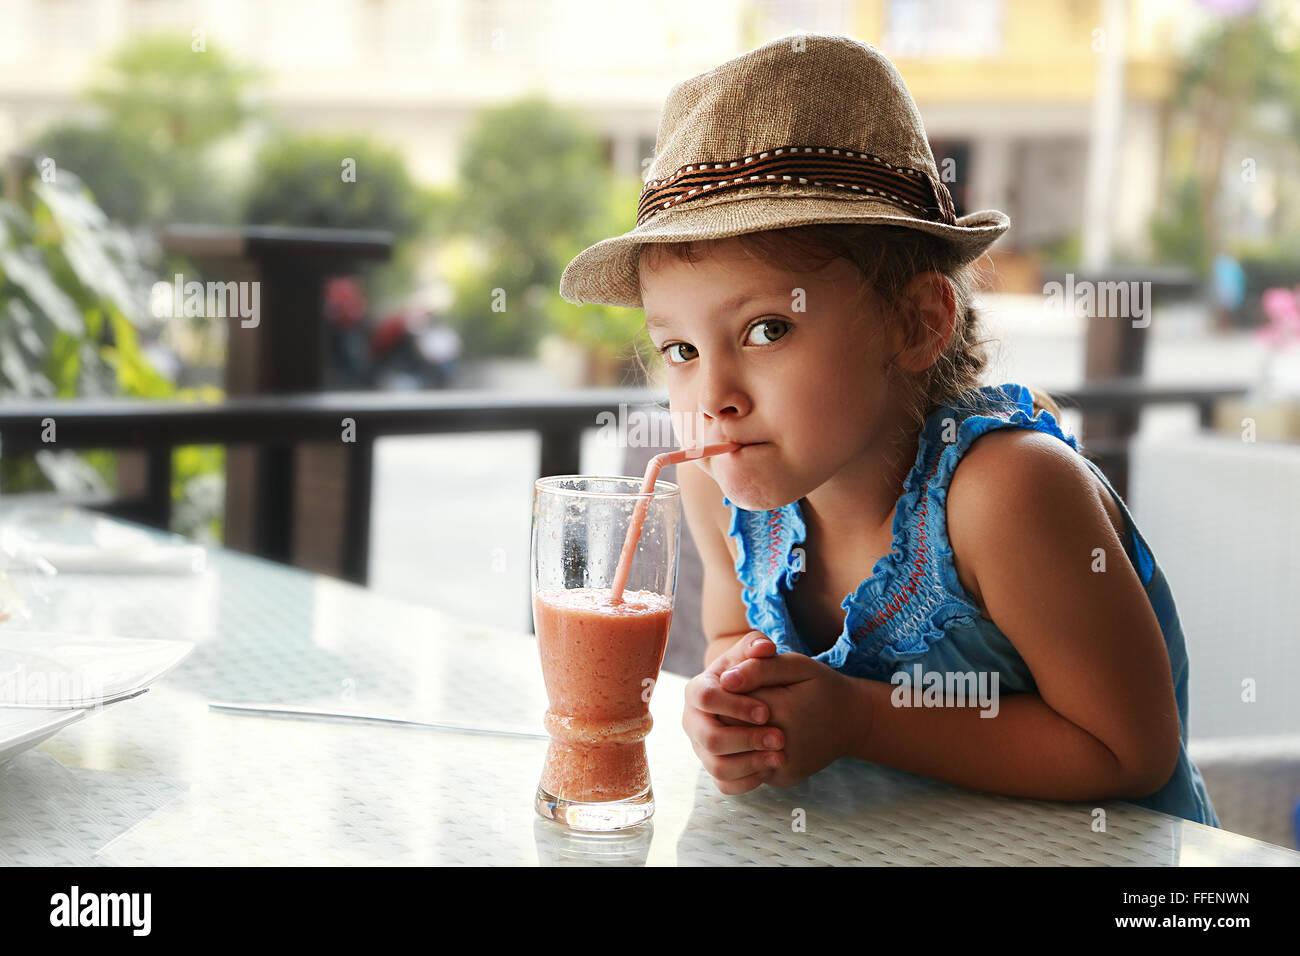 Curioso fun cute kid girl beber jugo sabroso en verano street cafe Imagen De Stock